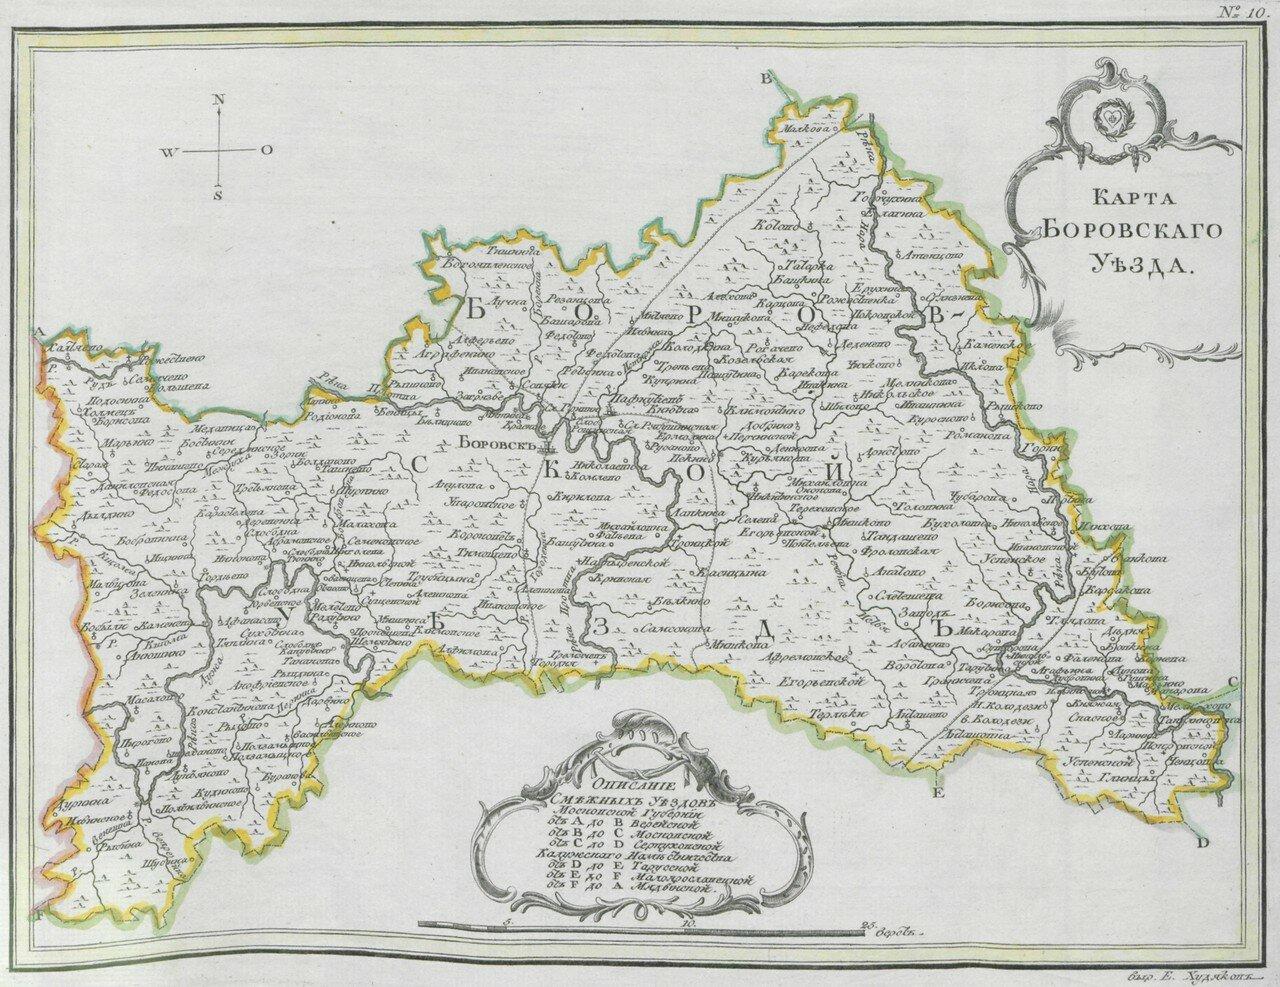 12. Боровский уезд